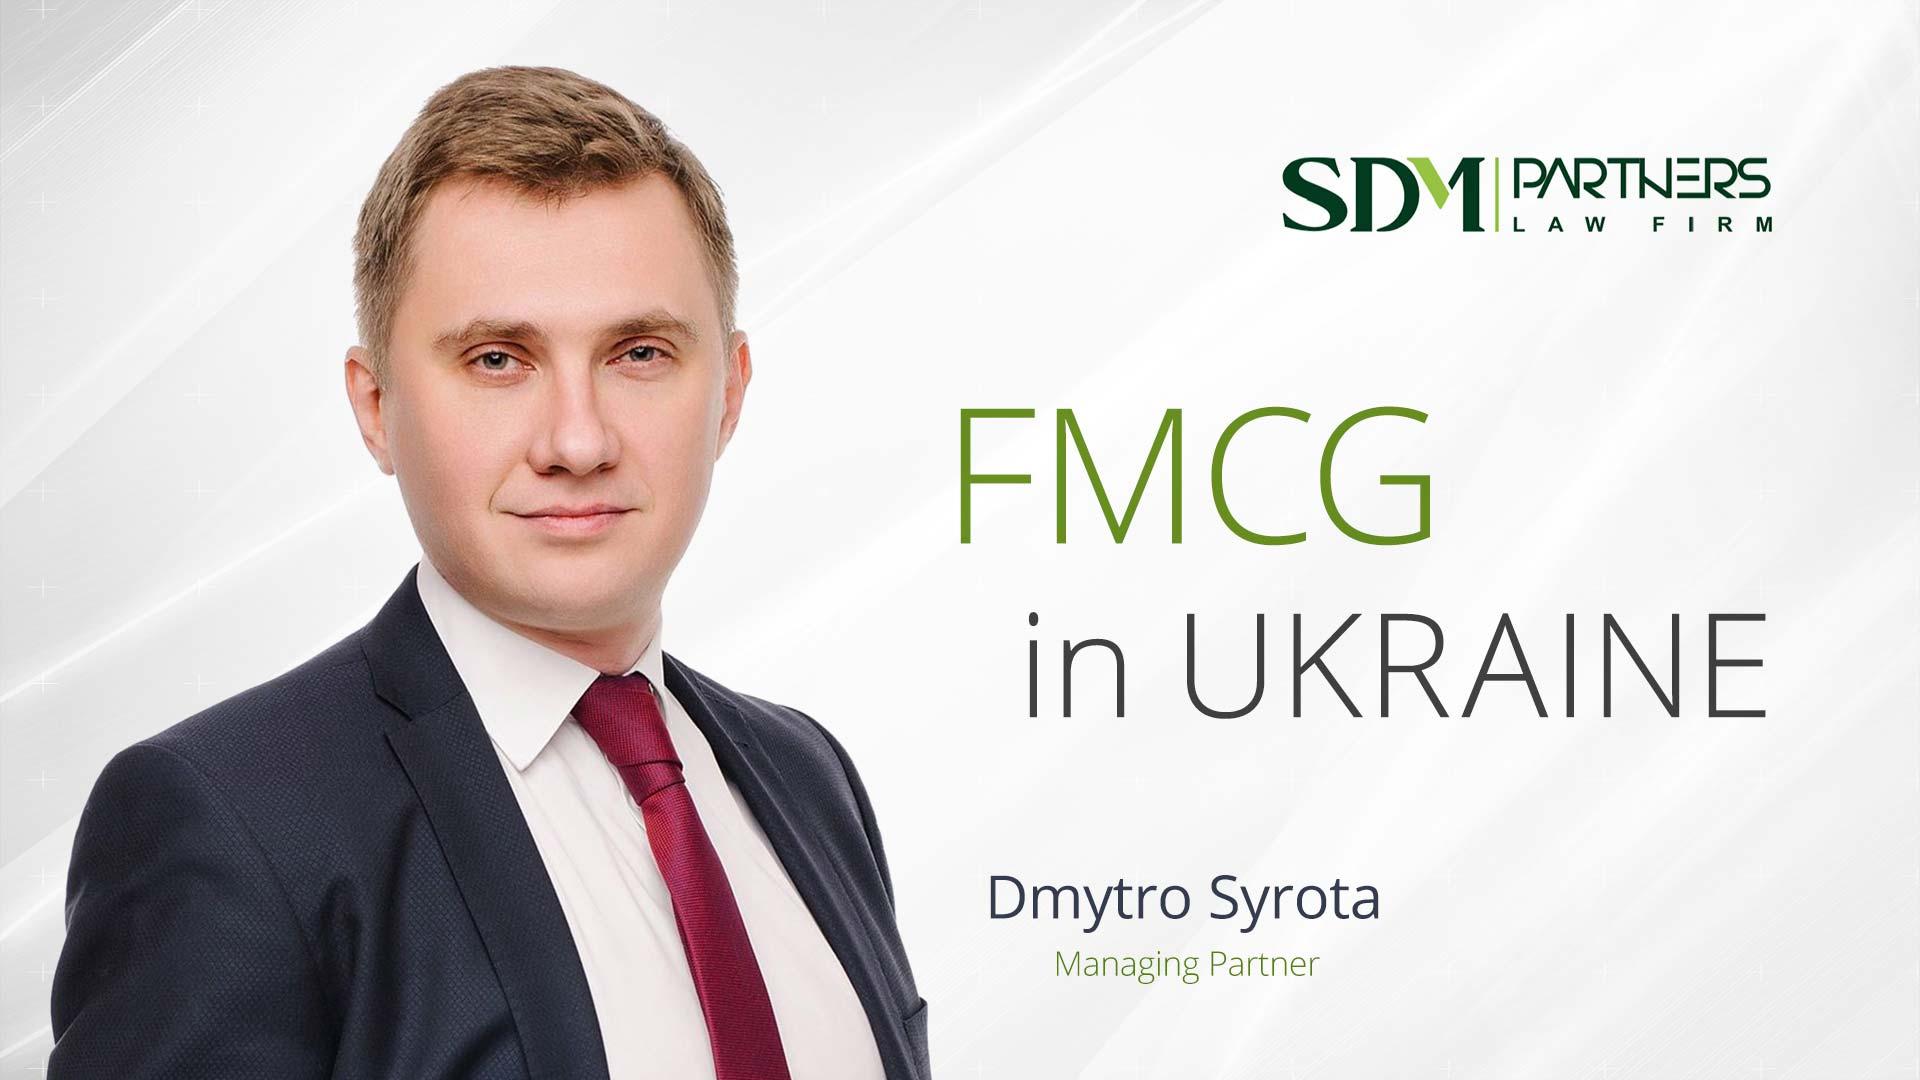 FMCG in Ukraine